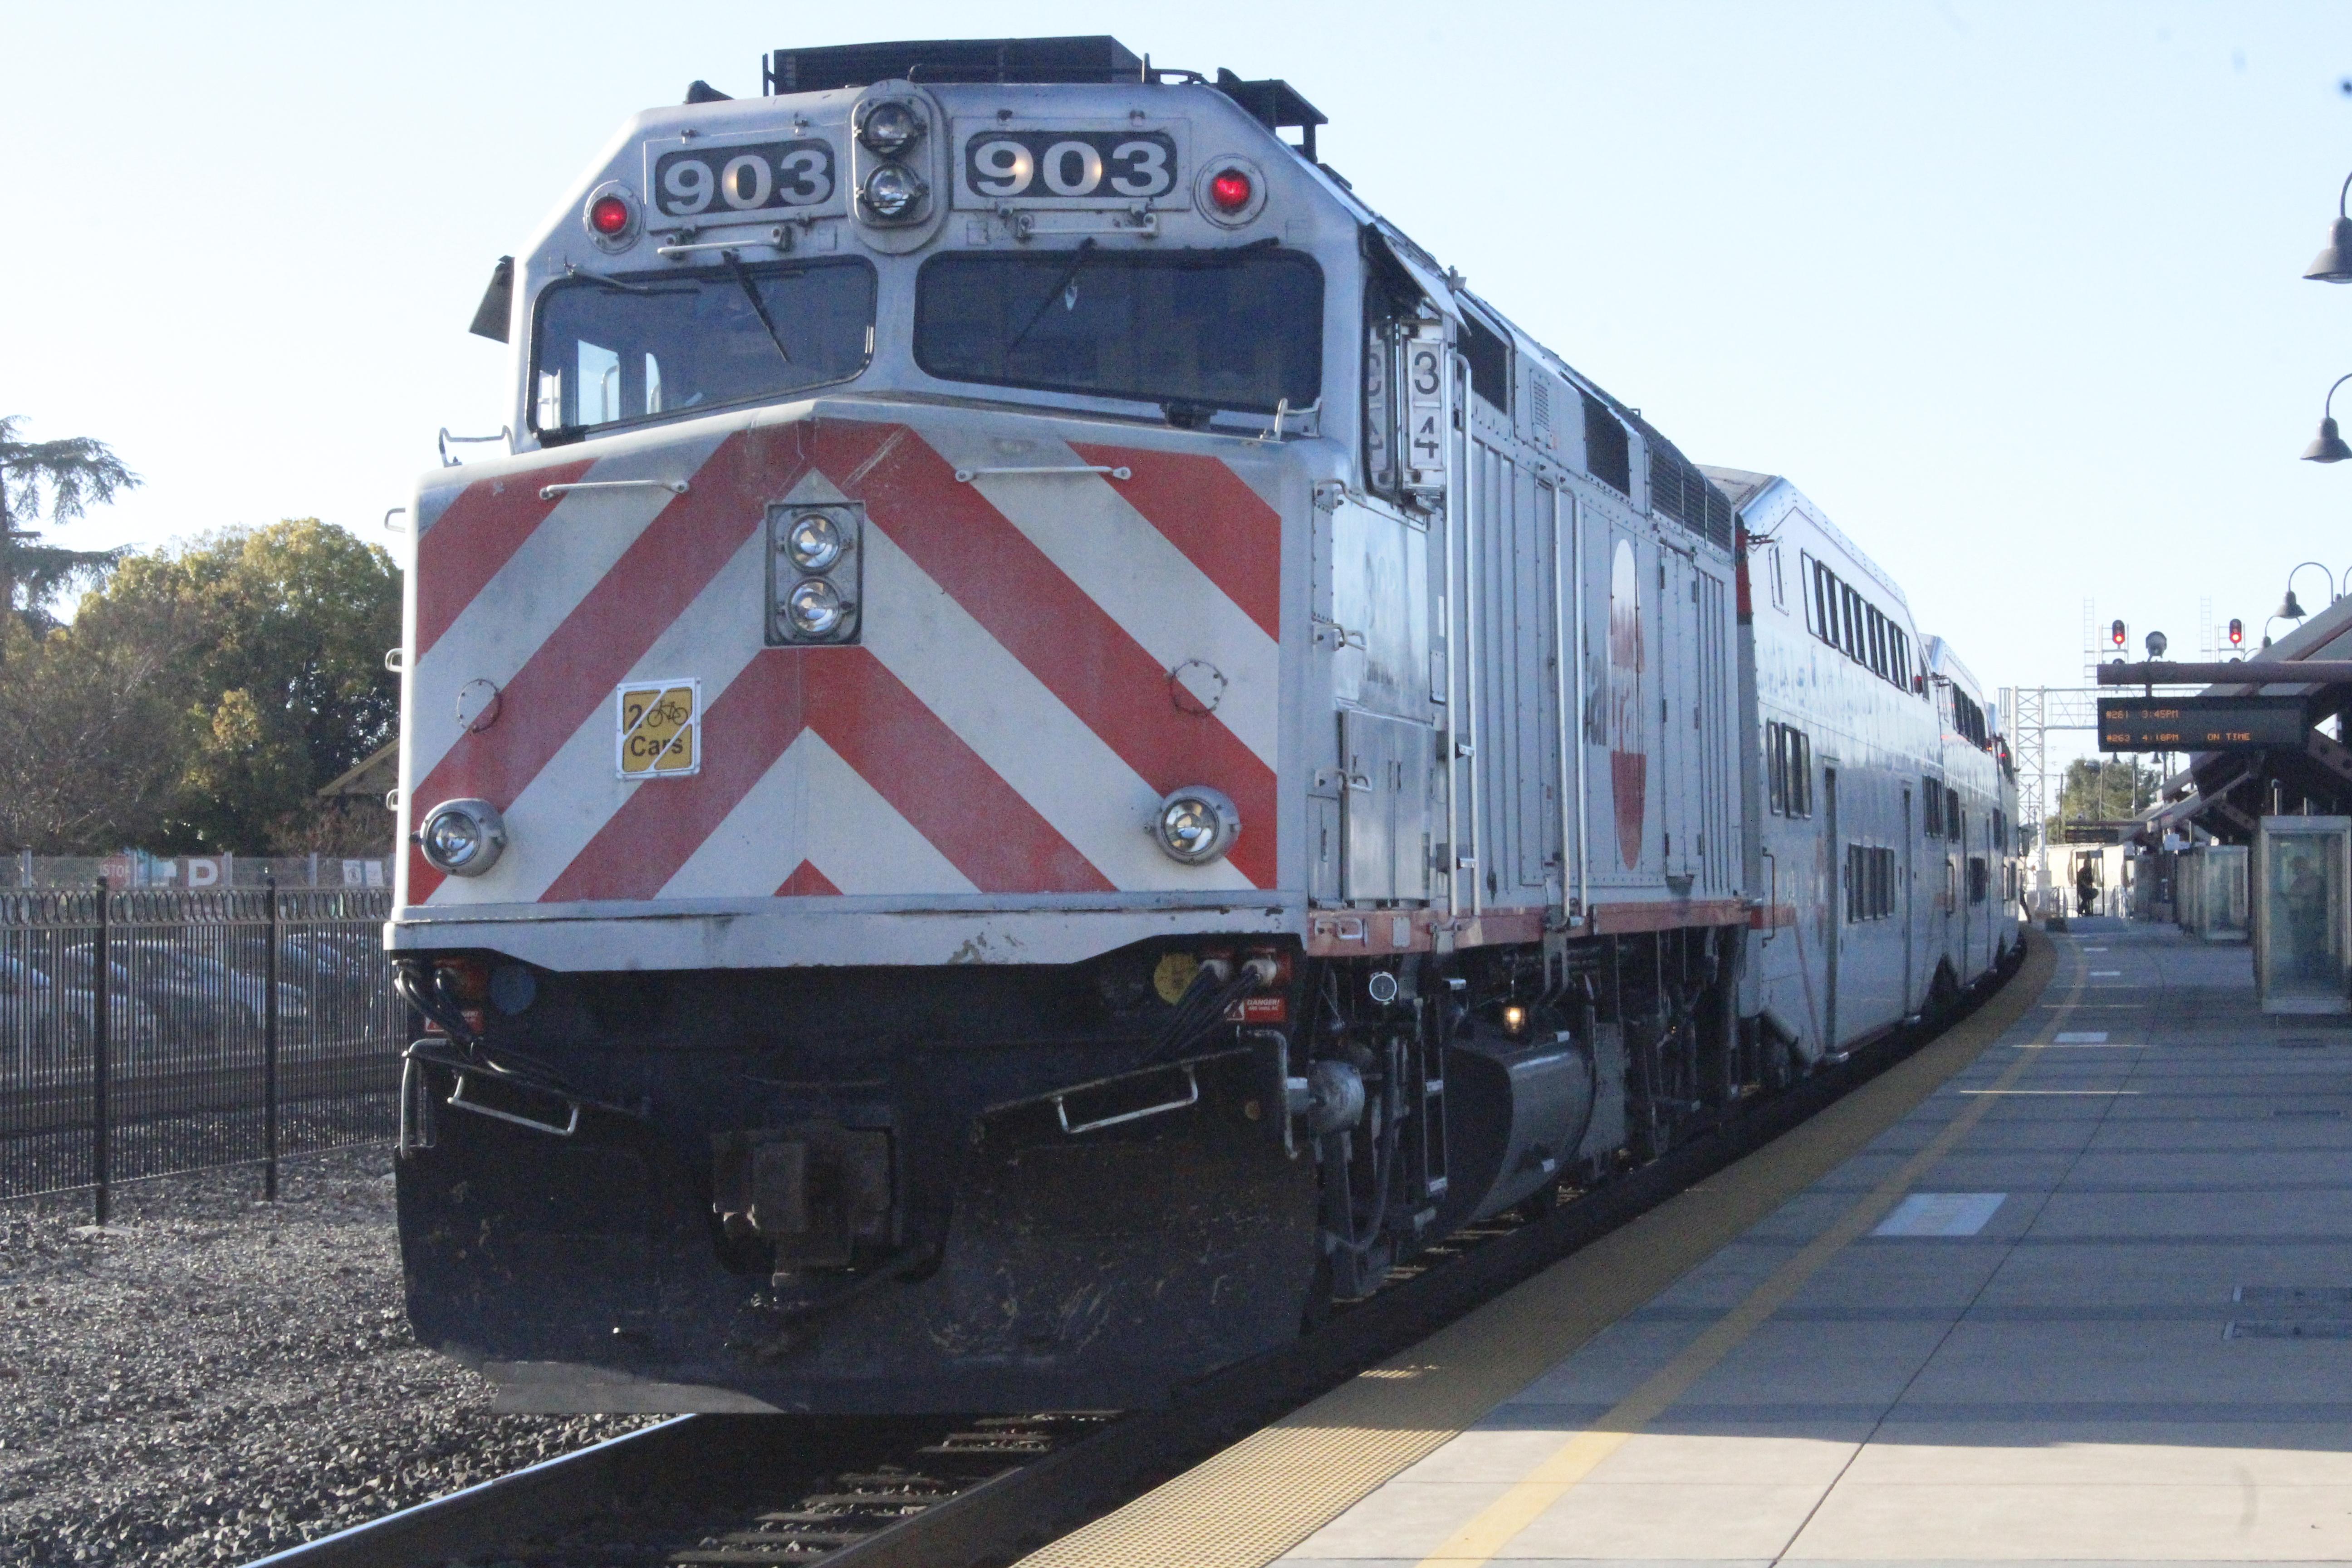 A Caltrain loco, unit 903, Santa Clara, acting as a trailer on a northbound train to San Francisco